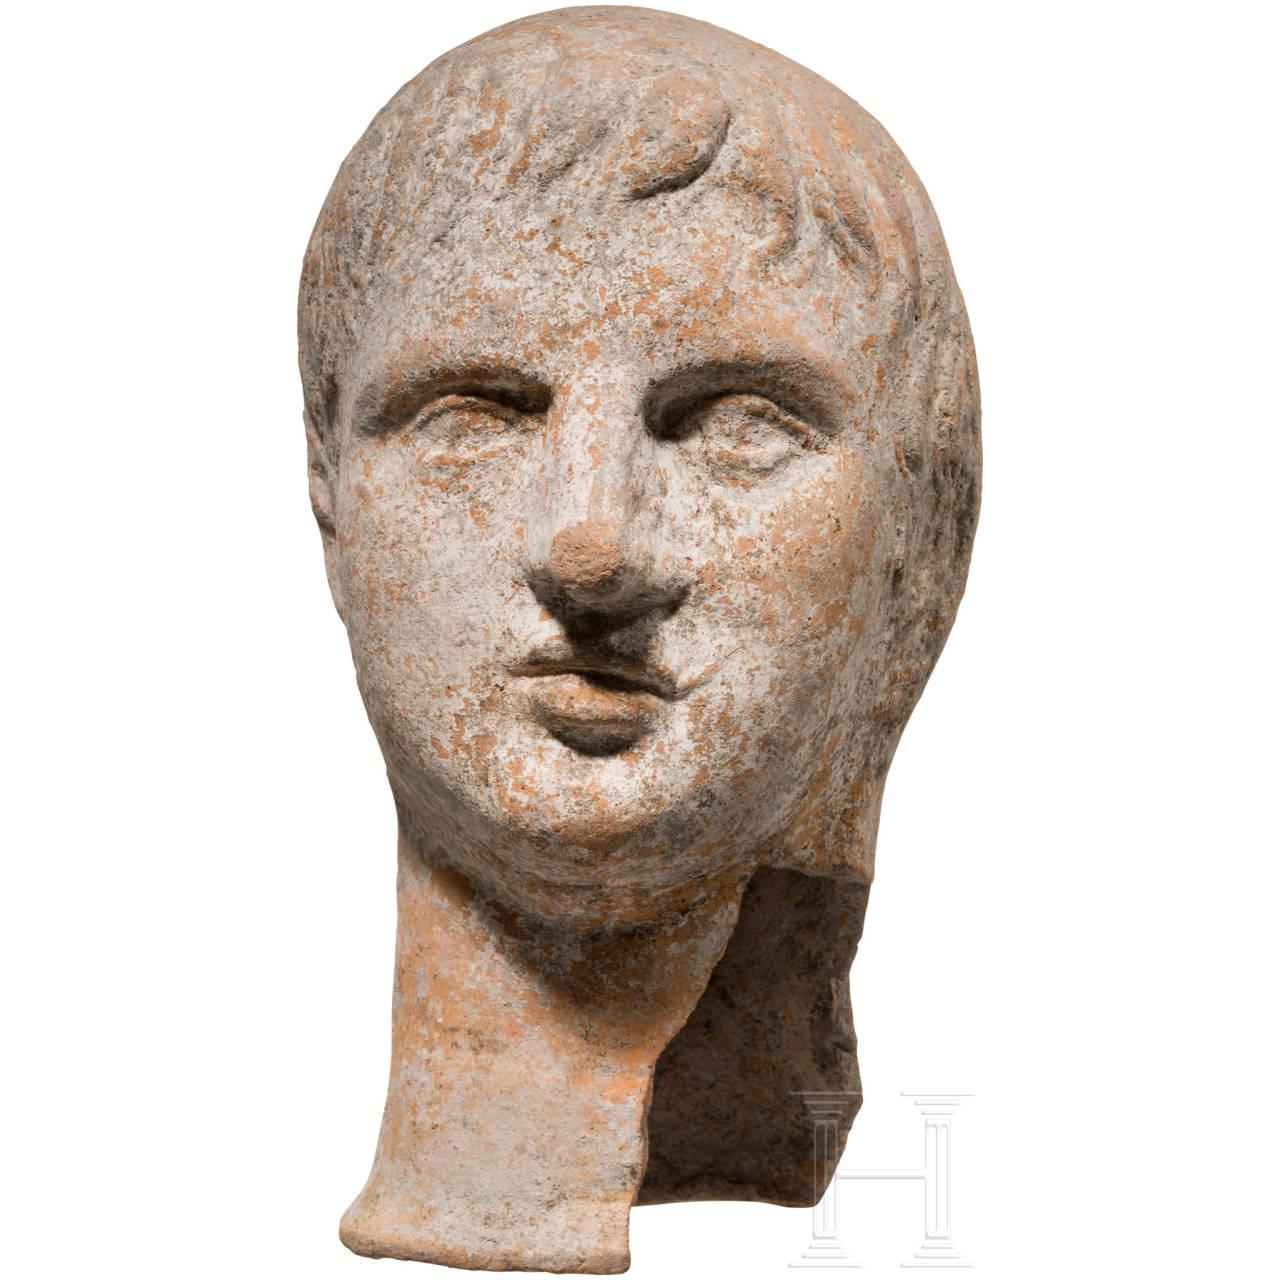 Etruskischer Votivkopf aus Ton, 3. - 2. Jhdt. v. Chr.